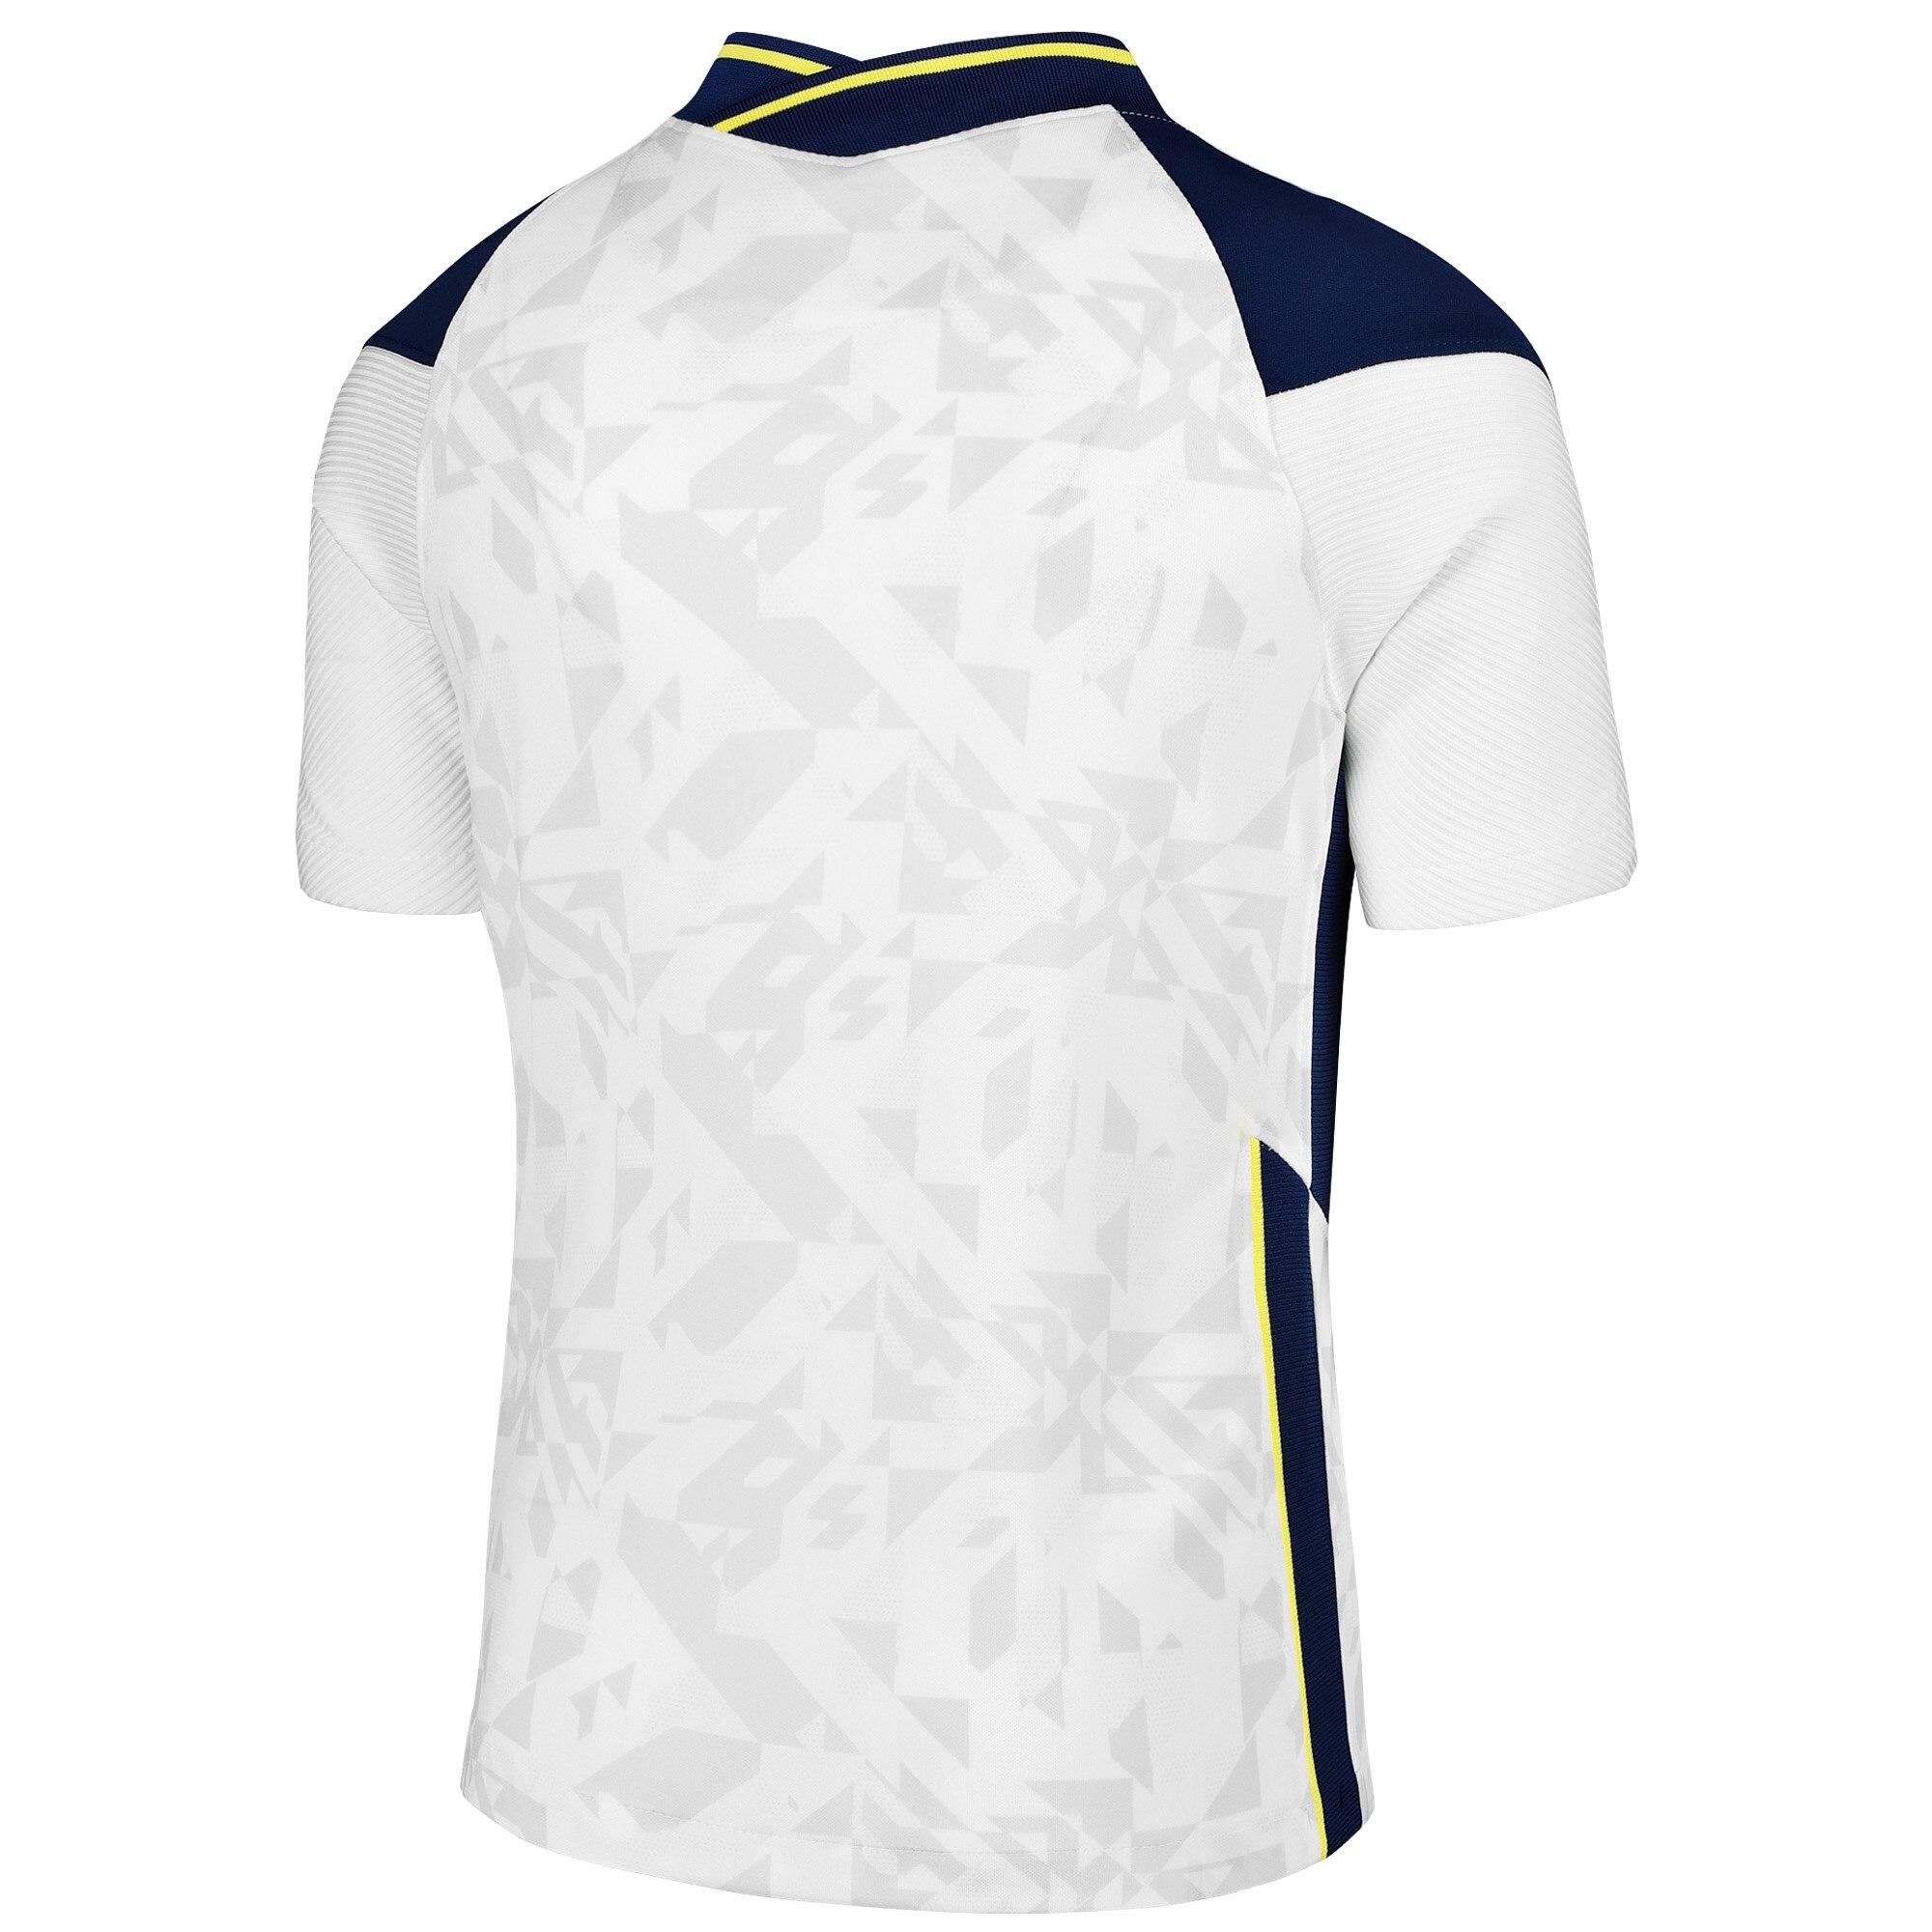 Tottenham Hotspur Home Shirt 2020 2021 Sportswearspot